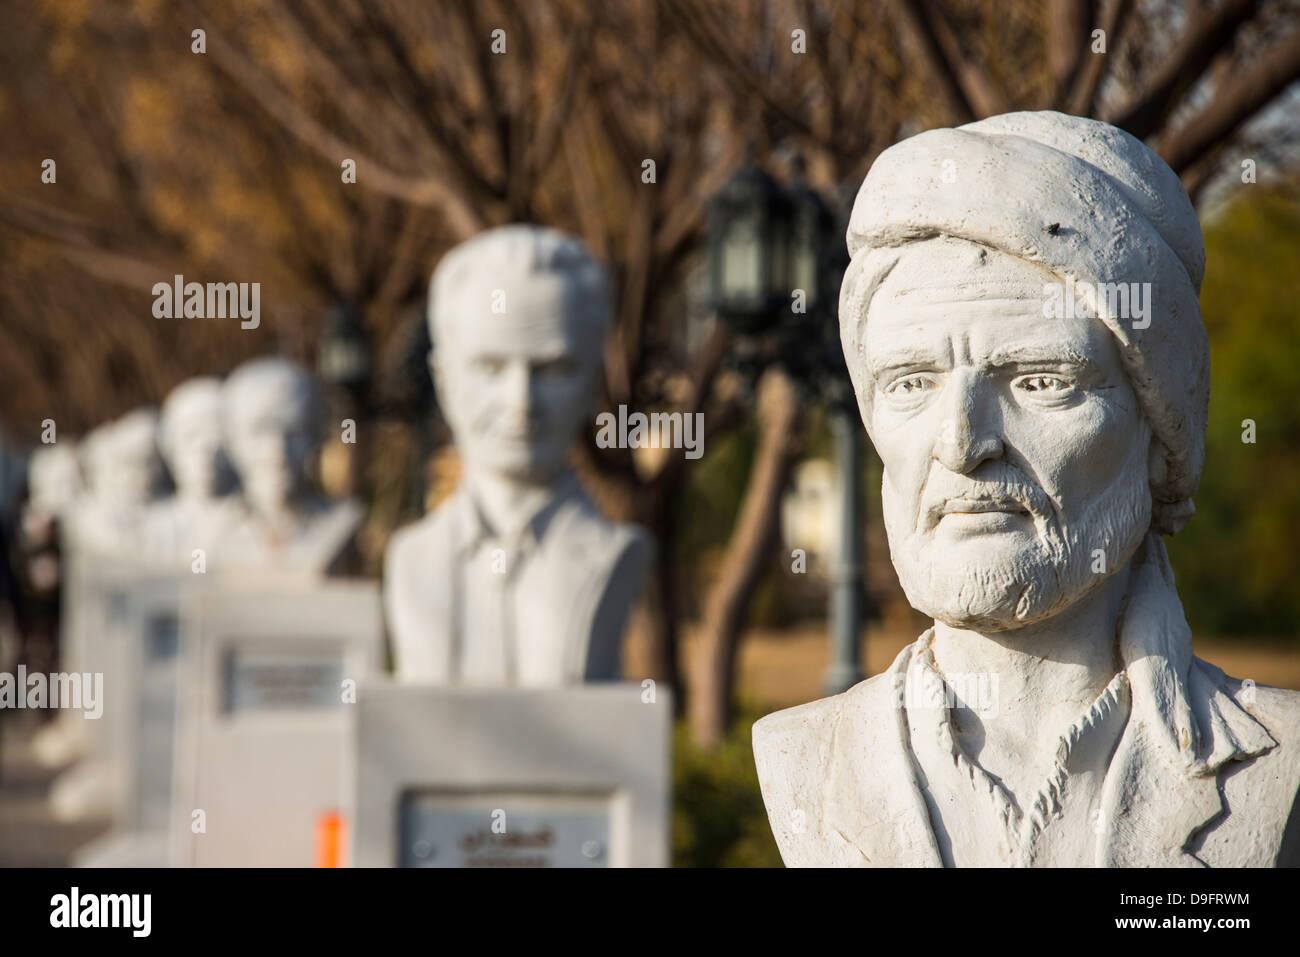 Ruelle de la statue Minare Park et Parc Shanadar à Erbil (Hawler), capitale de l'Irak Kurdistan, Iraq, Photo Stock